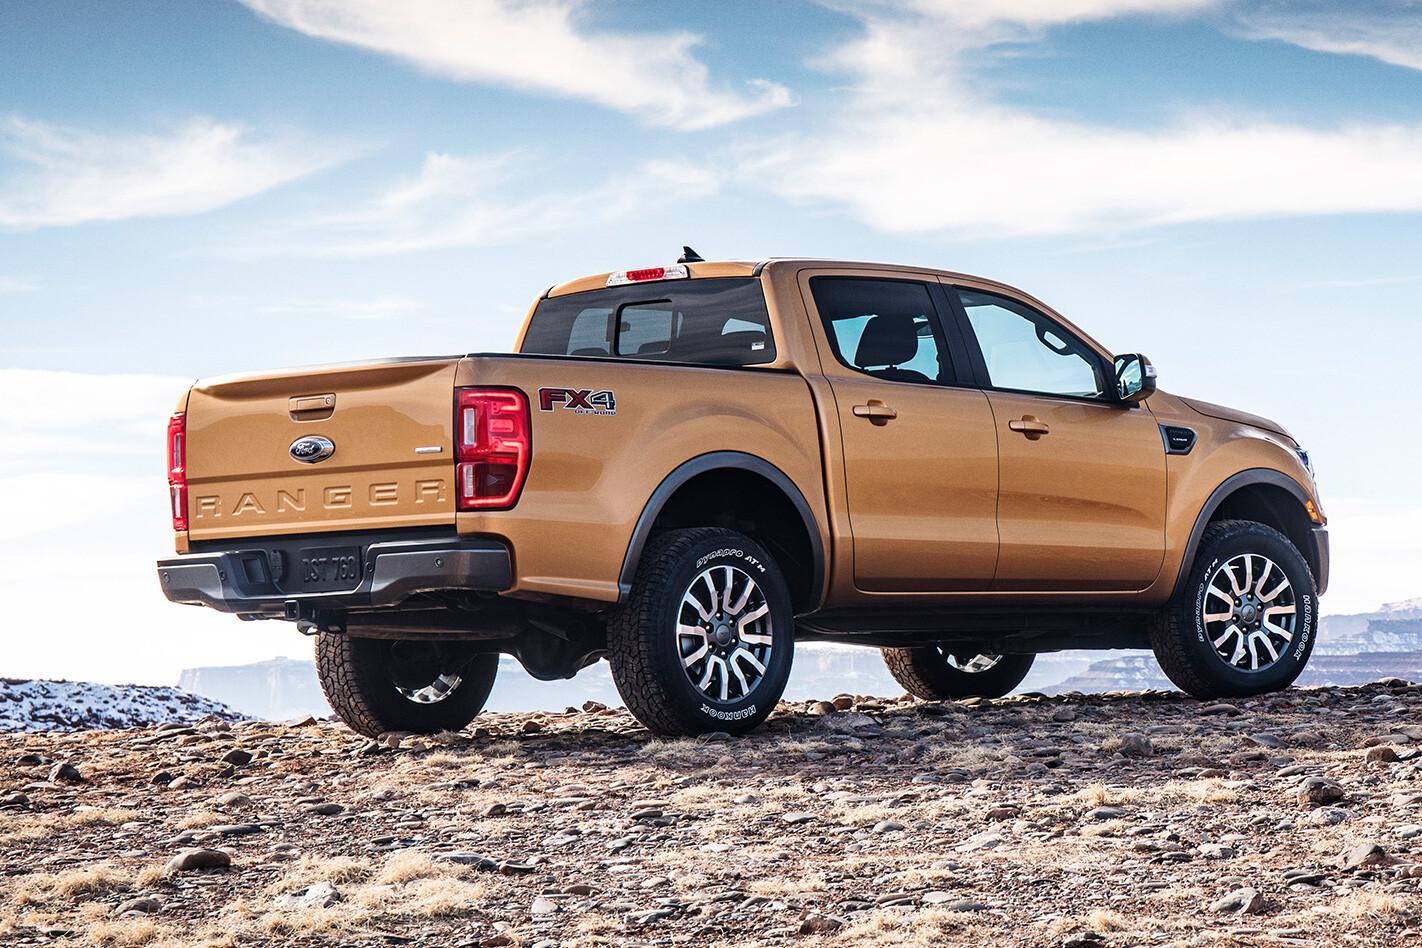 Ford Ranger Update Rockbed Jpg